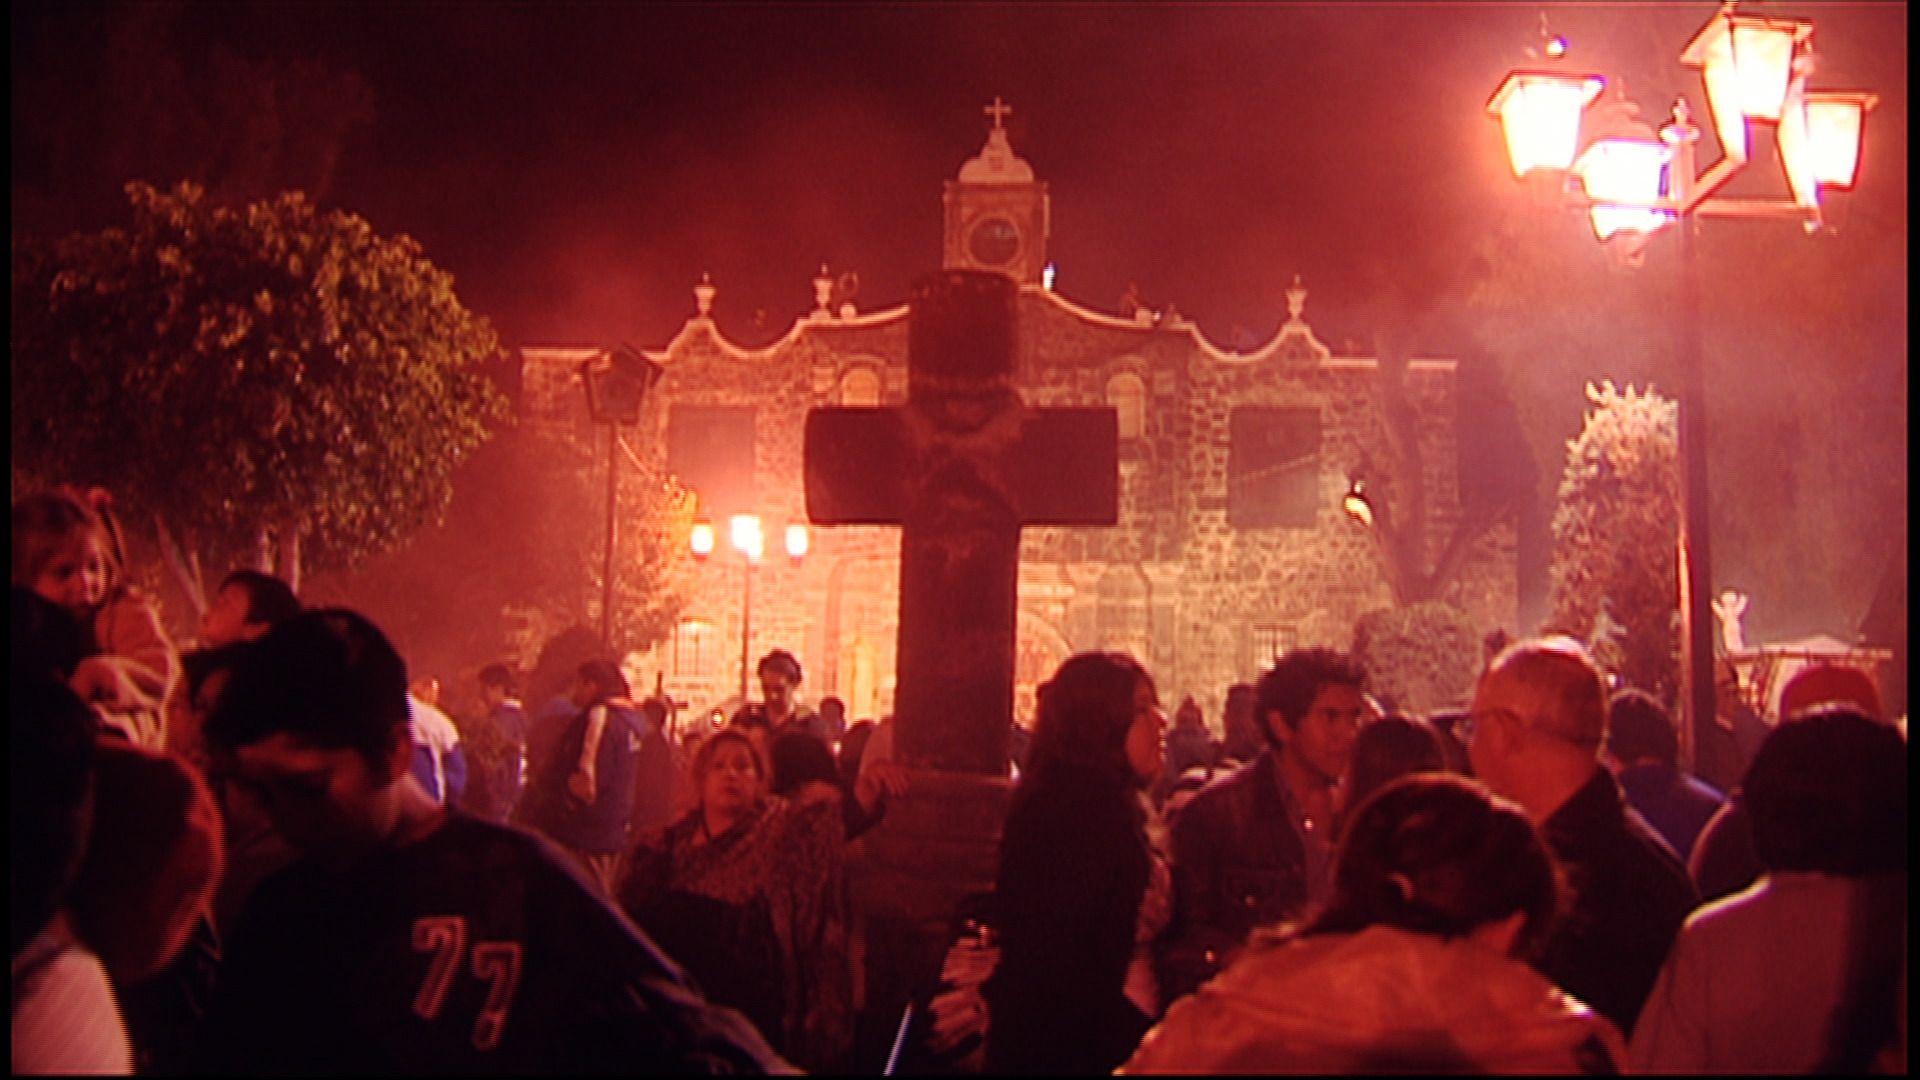 """""""La Alumbrada"""", en Mixquic, es una experiencia inolvidable que debes vivir por lo menos una vez en la vida. Una experiencia que, sin duda, atrapa los sentidos. http://mixquic.com.mx"""